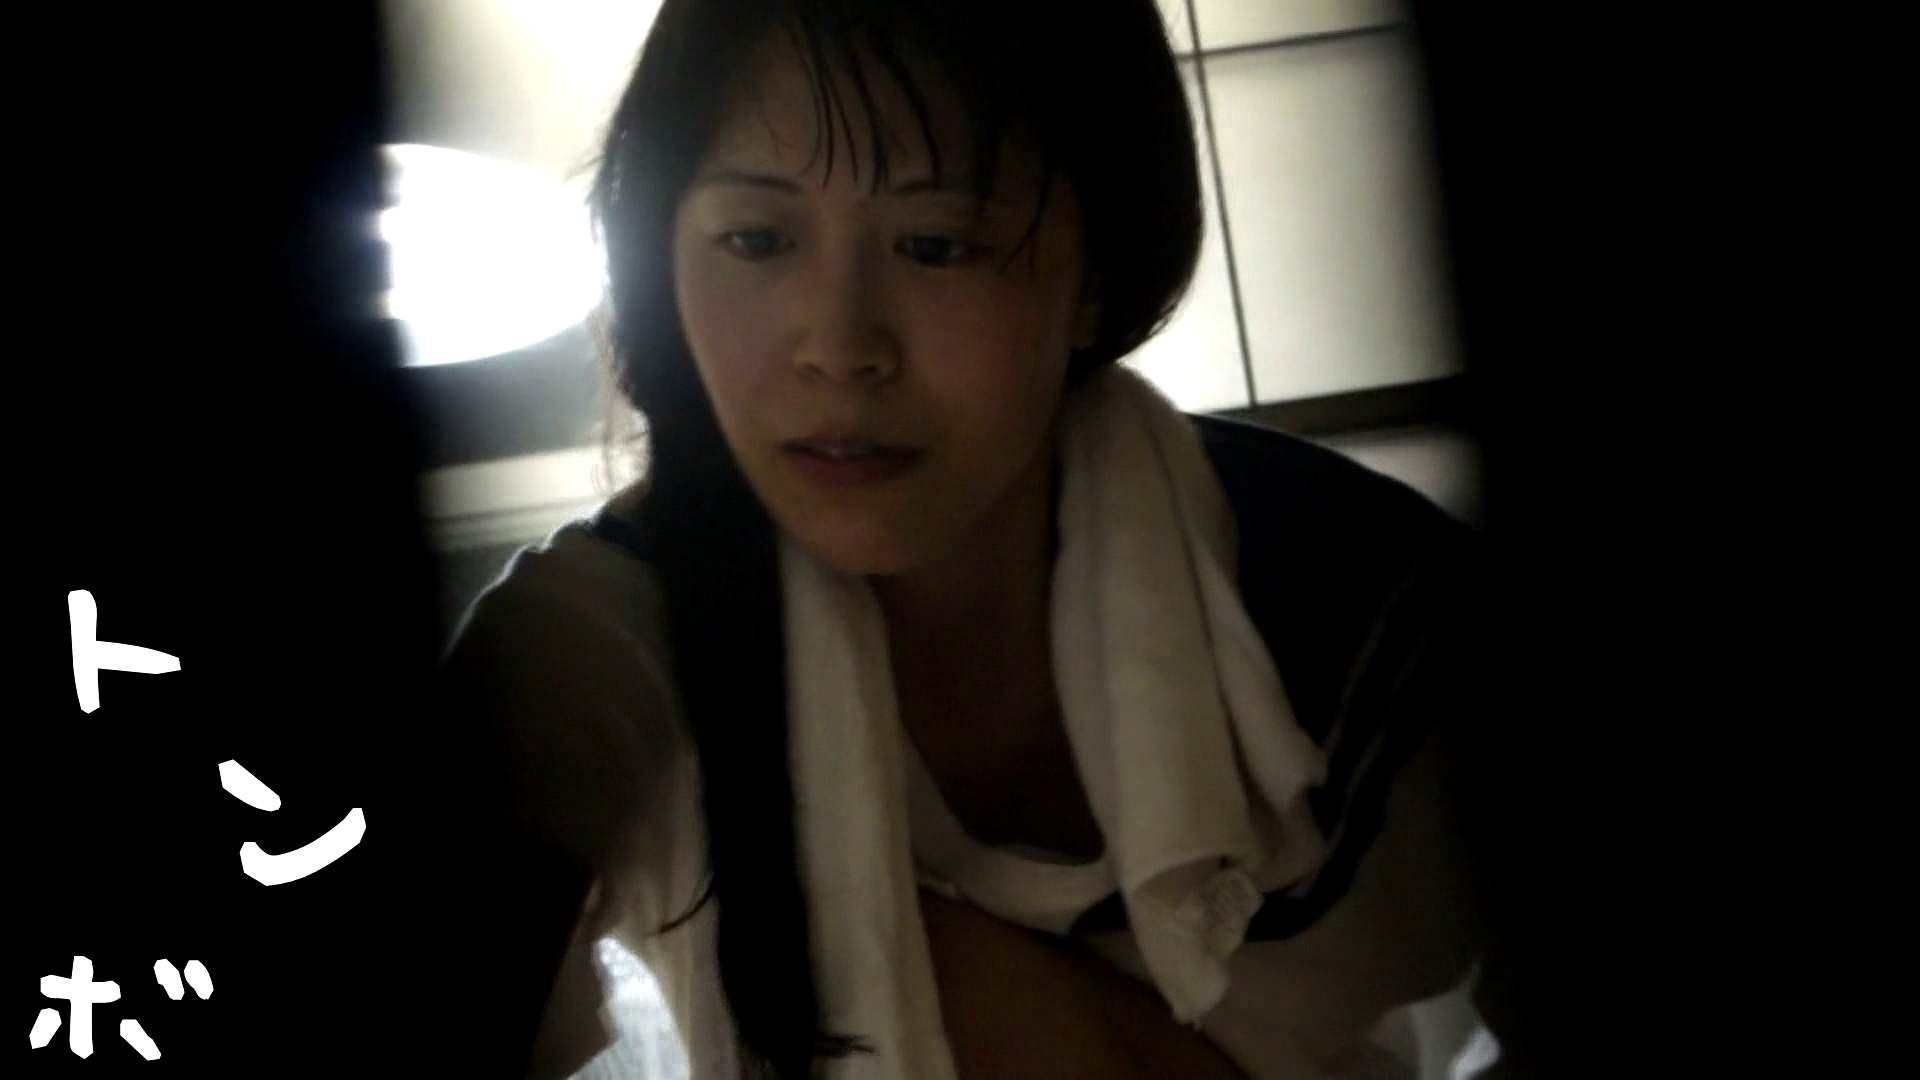 リアル盗撮 清楚なお女市さんのマル秘私生活① 美女 ワレメ動画紹介 79枚 52